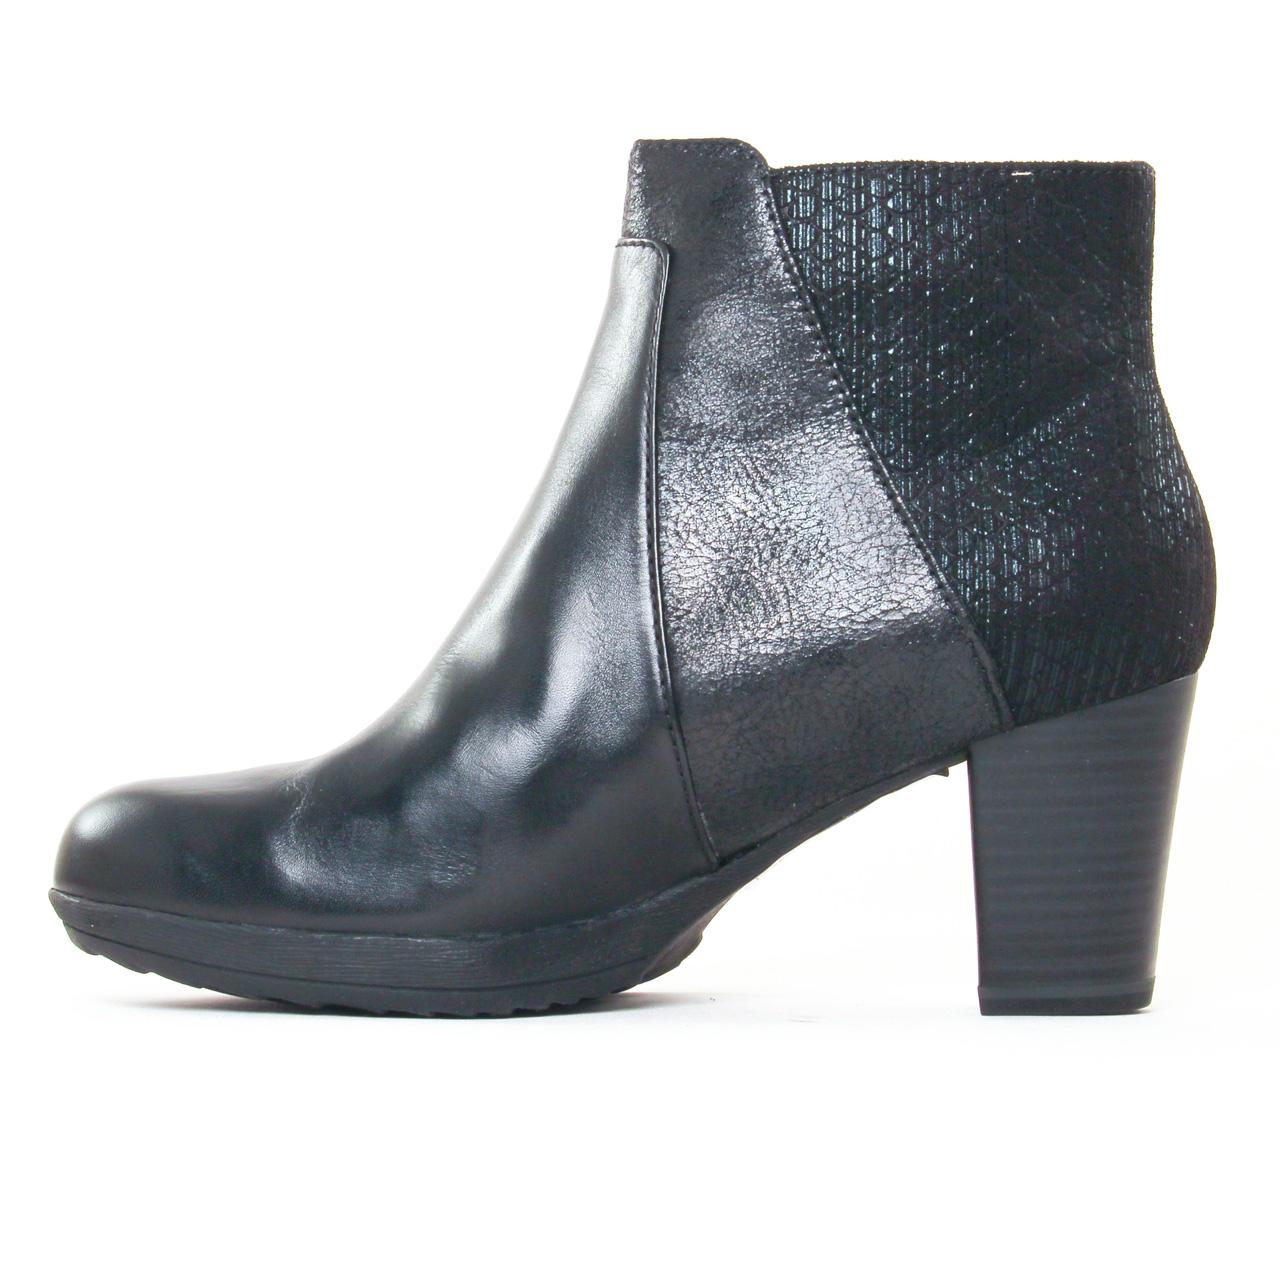 tamaris 25380 black boot talon noir automne hiver chez trois par 3. Black Bedroom Furniture Sets. Home Design Ideas